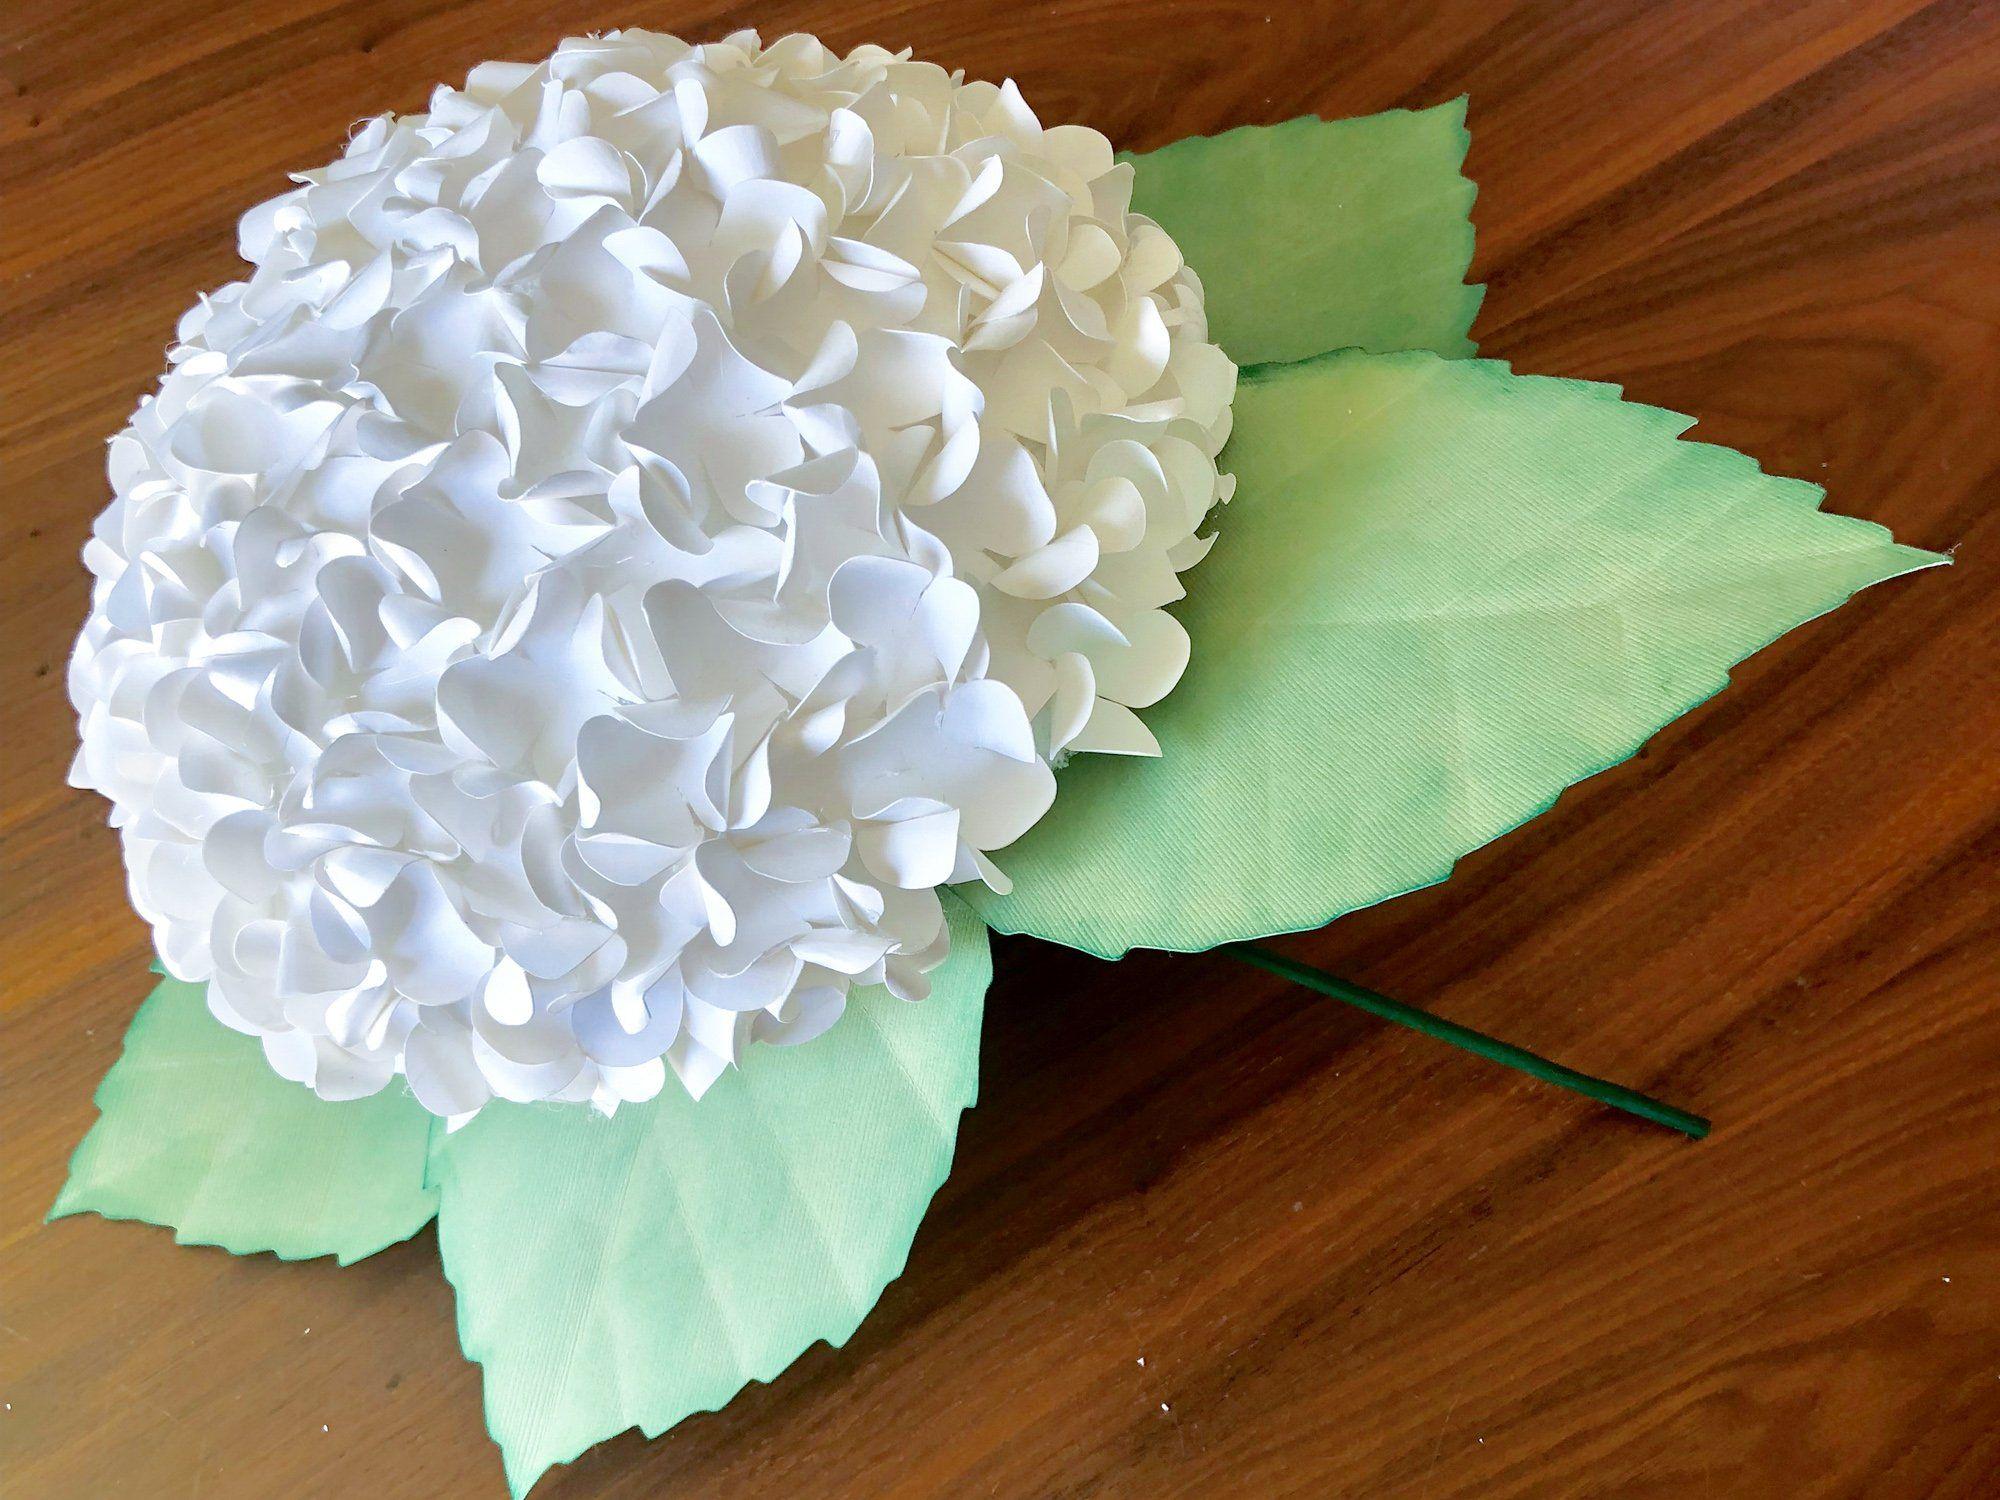 Diy Paper Hydrangea Flower Bouquet Silhouette School Paper